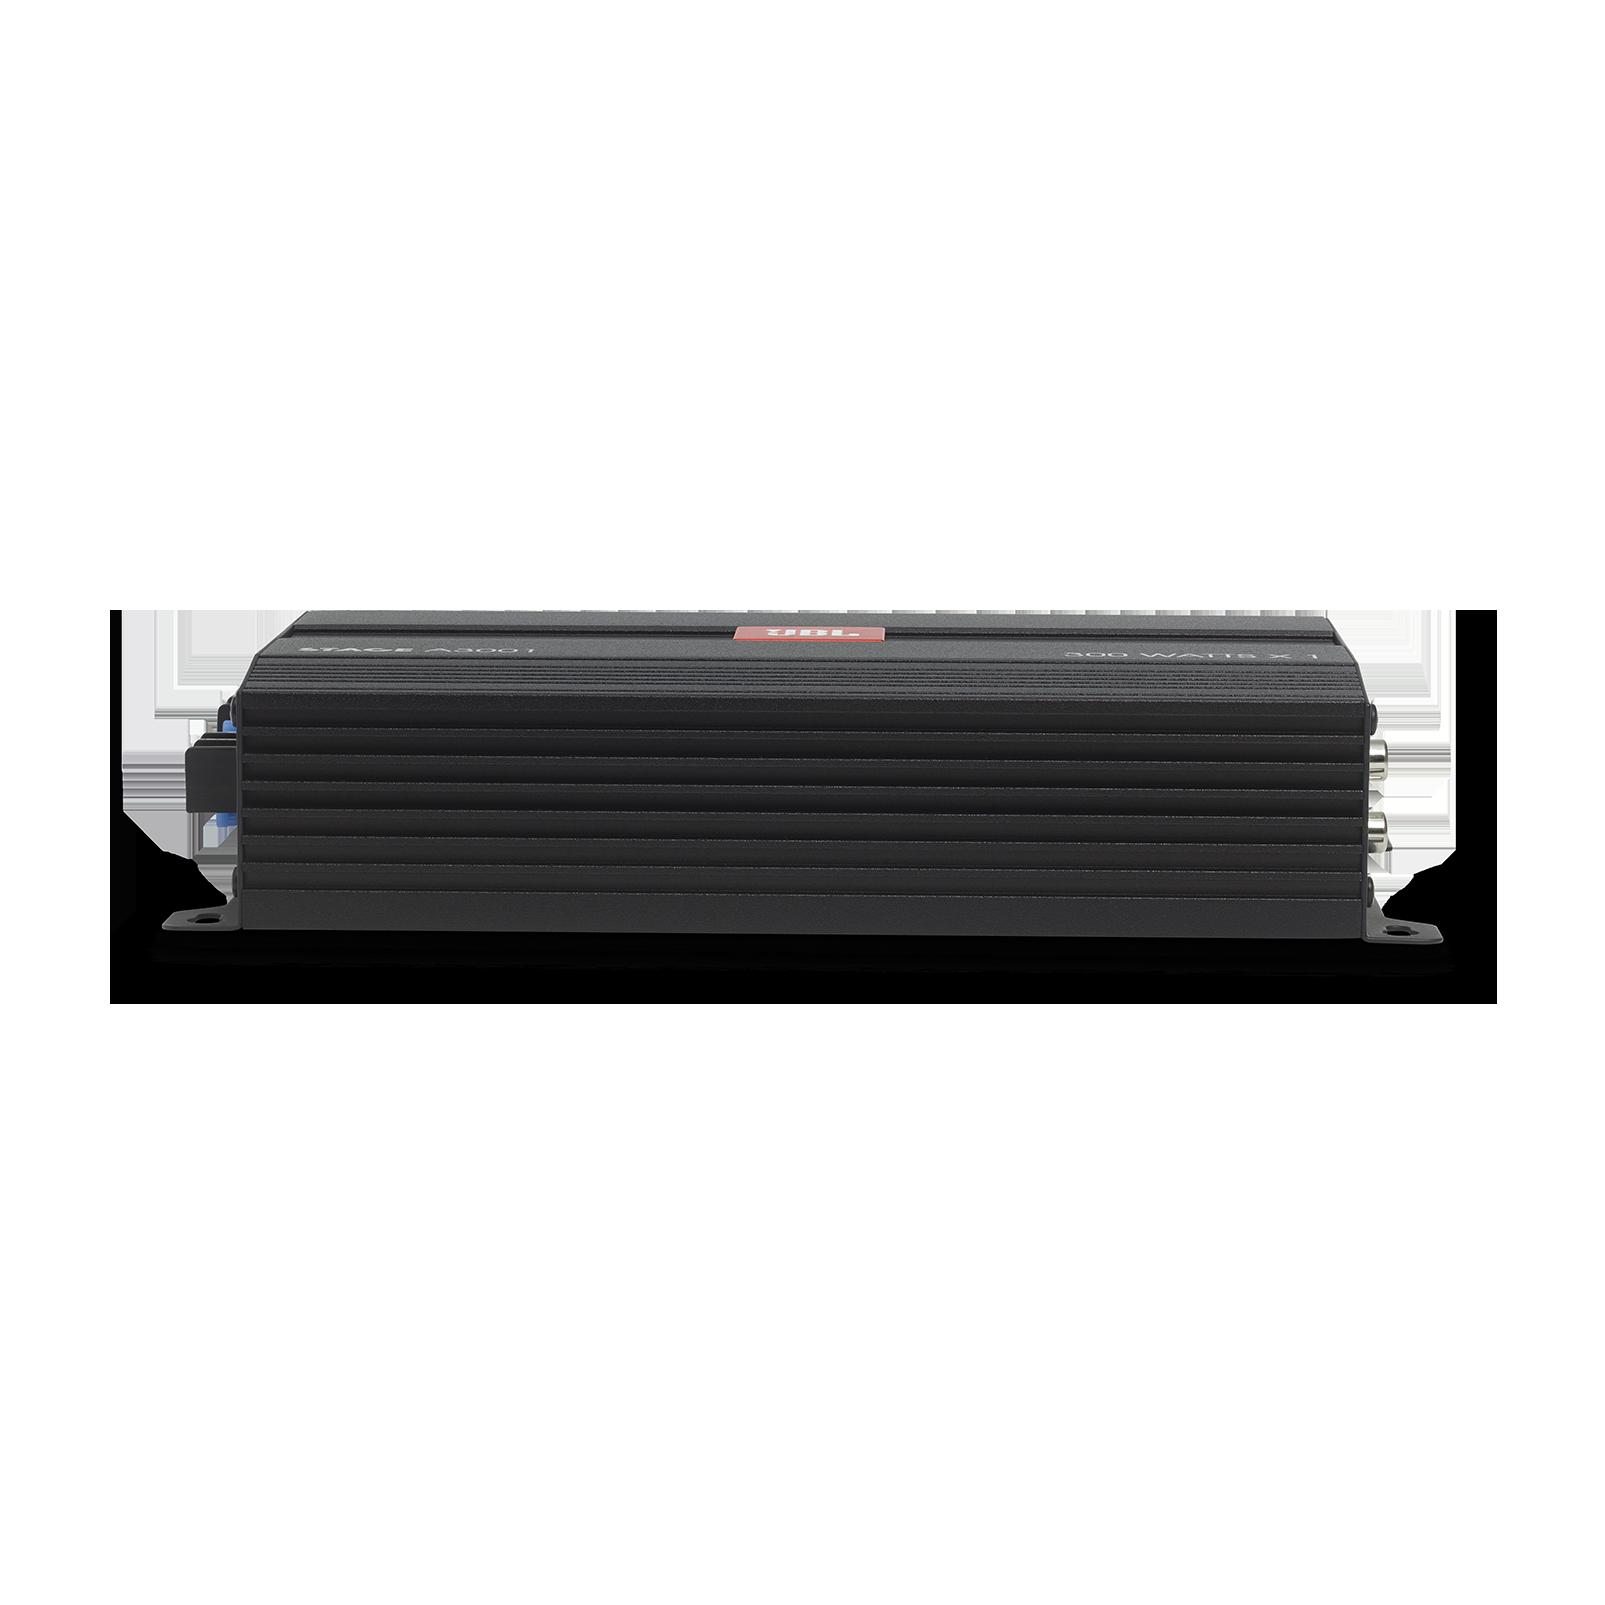 JBL Stage Amplifier A3001 - Black - Class D Car Audio Amplifier - Detailshot 3